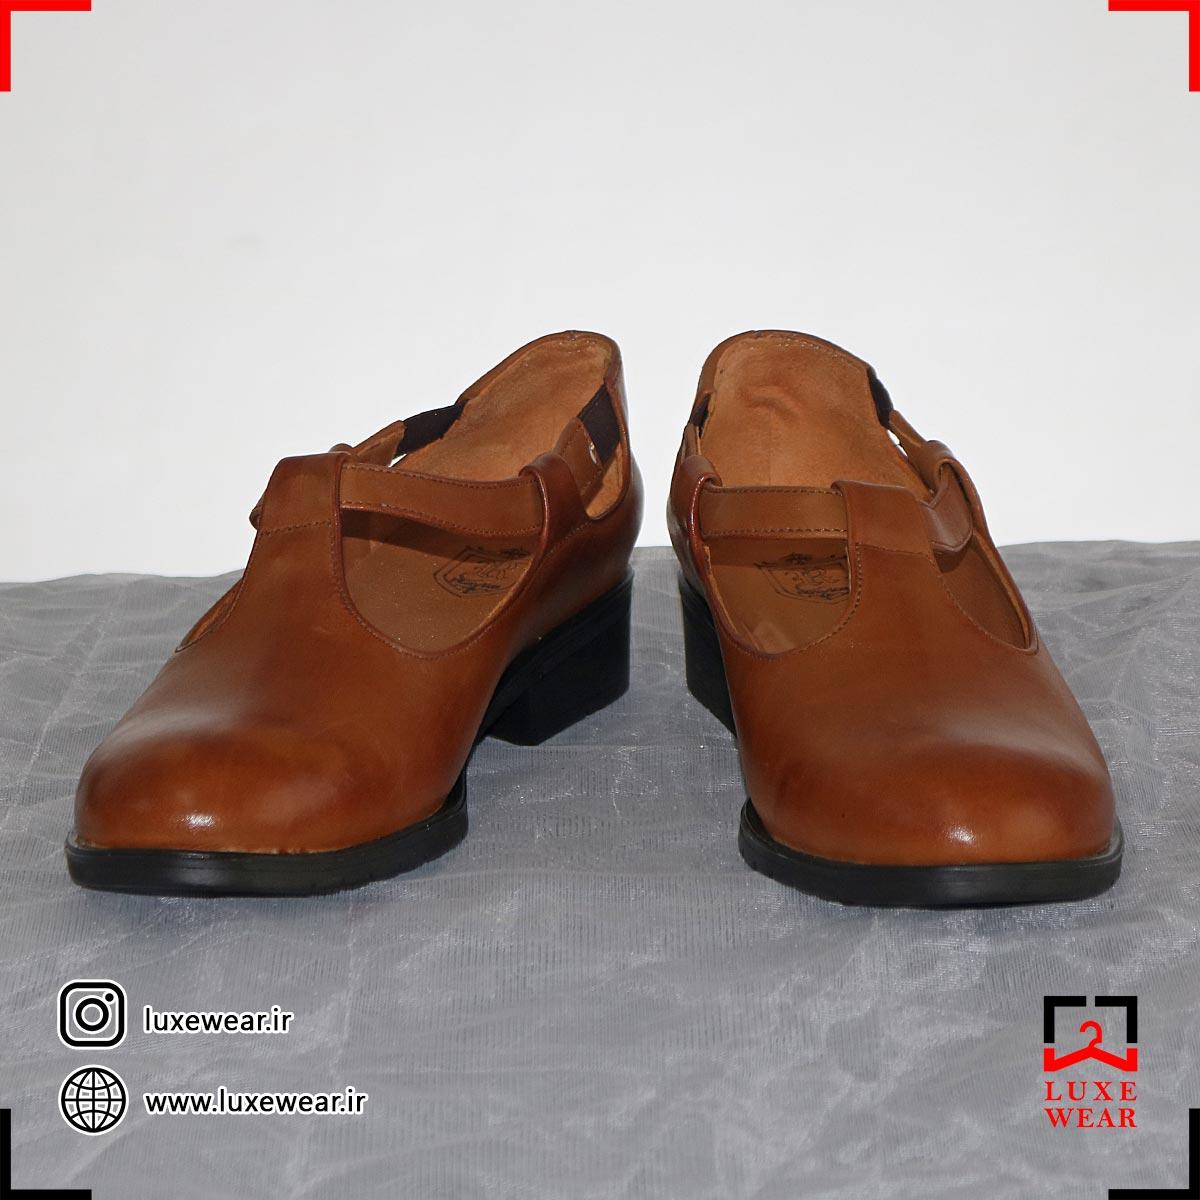 کفش چرم پاشنه کوتاه